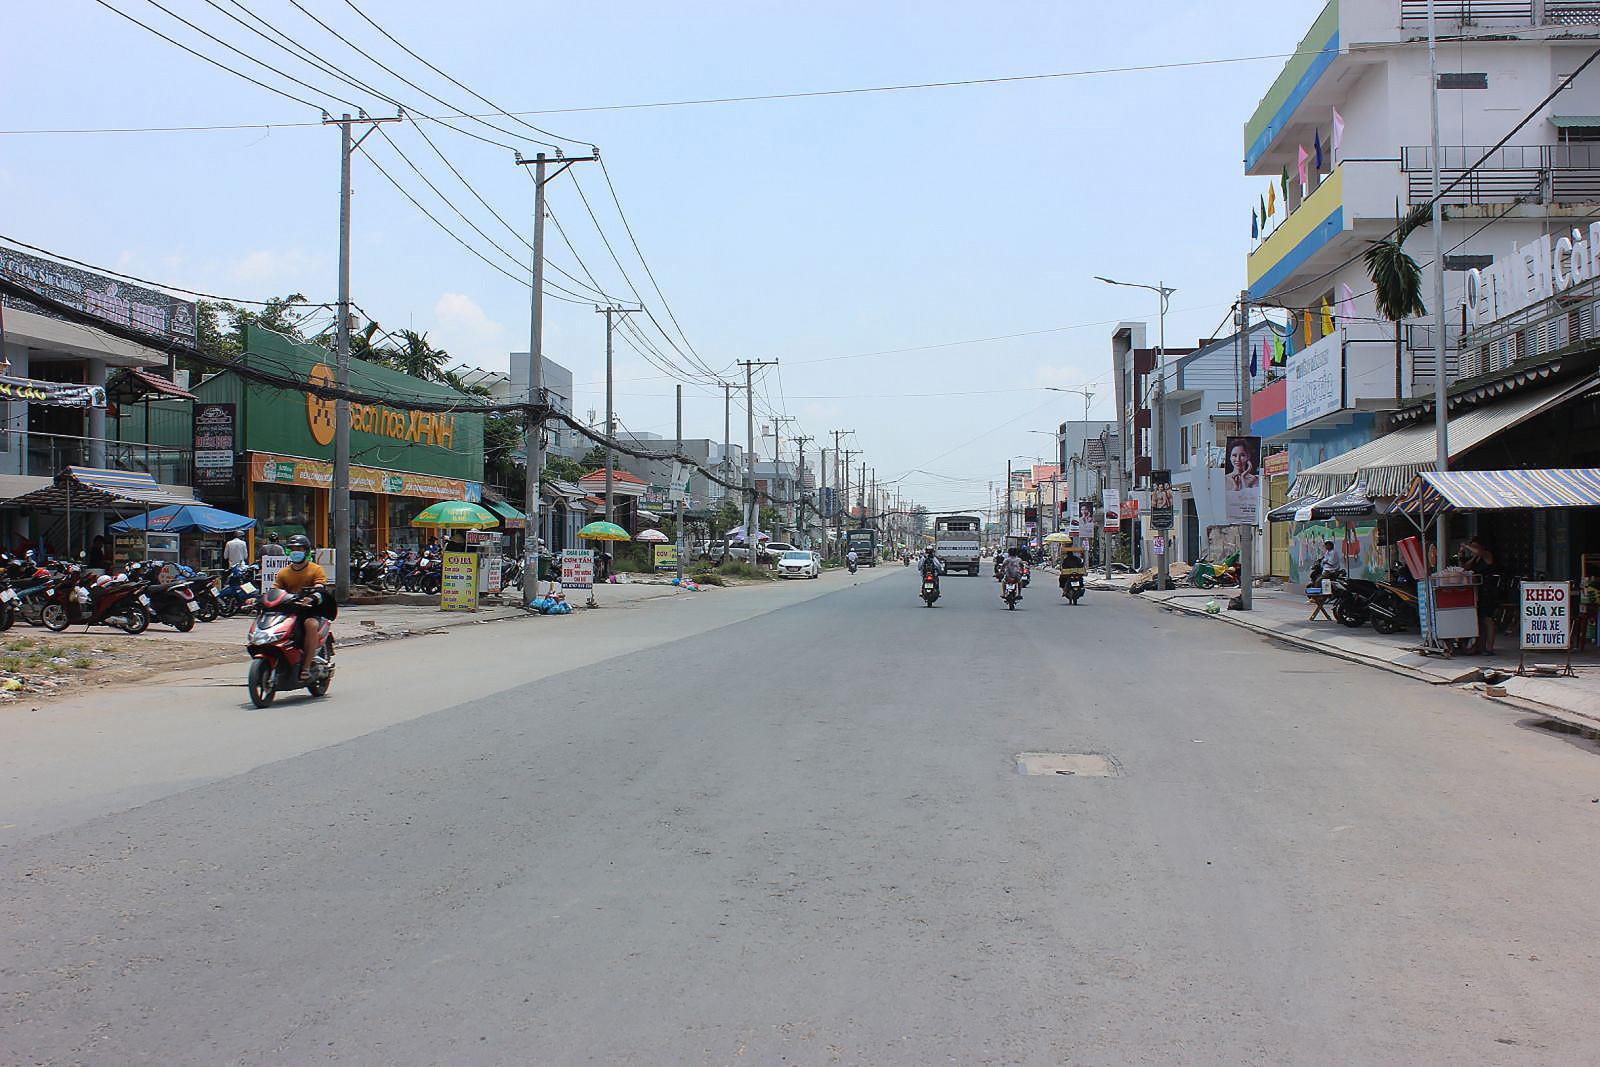 Công trình đường Trần Hoàng Na bờ Ninh Kiều dài khoảng 2,6km, đến nay tiến độ đã đạt khoảng 40%. Trong ảnh: Đoạn đường Trần Hoàng Na hiện hữu (dài khoảng 500m từ đường Tầm Vu đến đường 30-4) đã lên nhựa mặt đường.